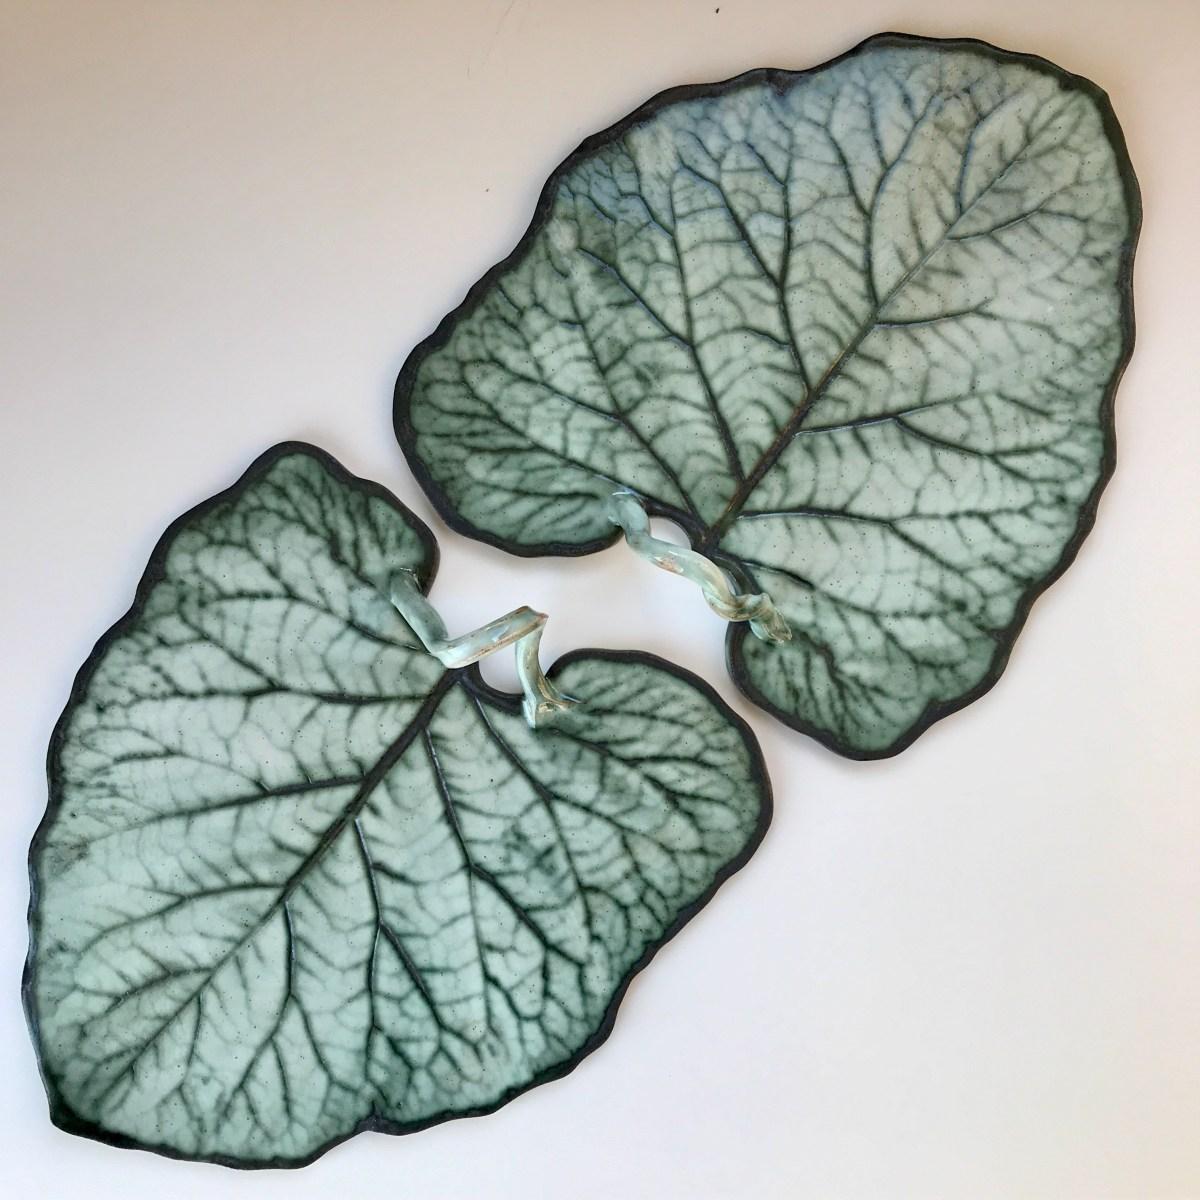 Pair of Burdock Leaf Sharing Platters by Sonya Ceramic Art